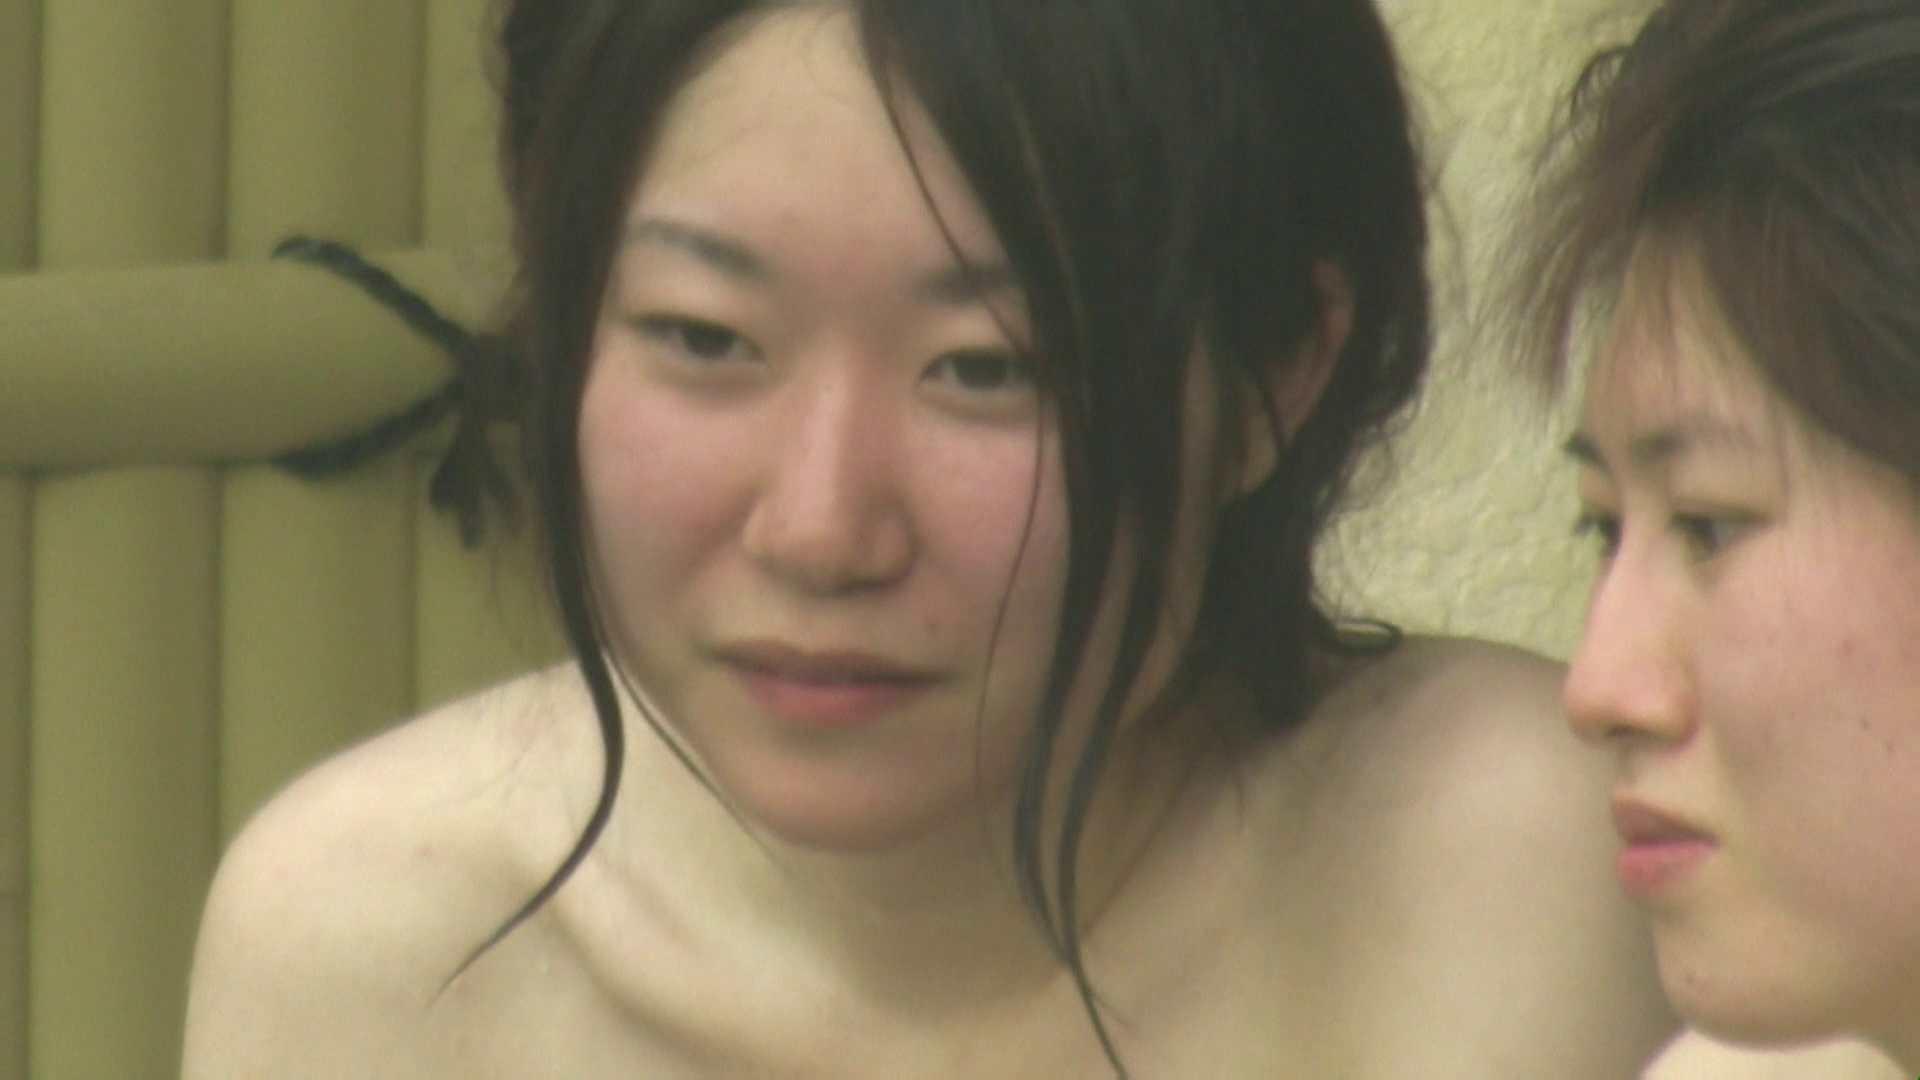 高画質露天女風呂観察 vol.025 高画質 盗撮動画紹介 81連発 11